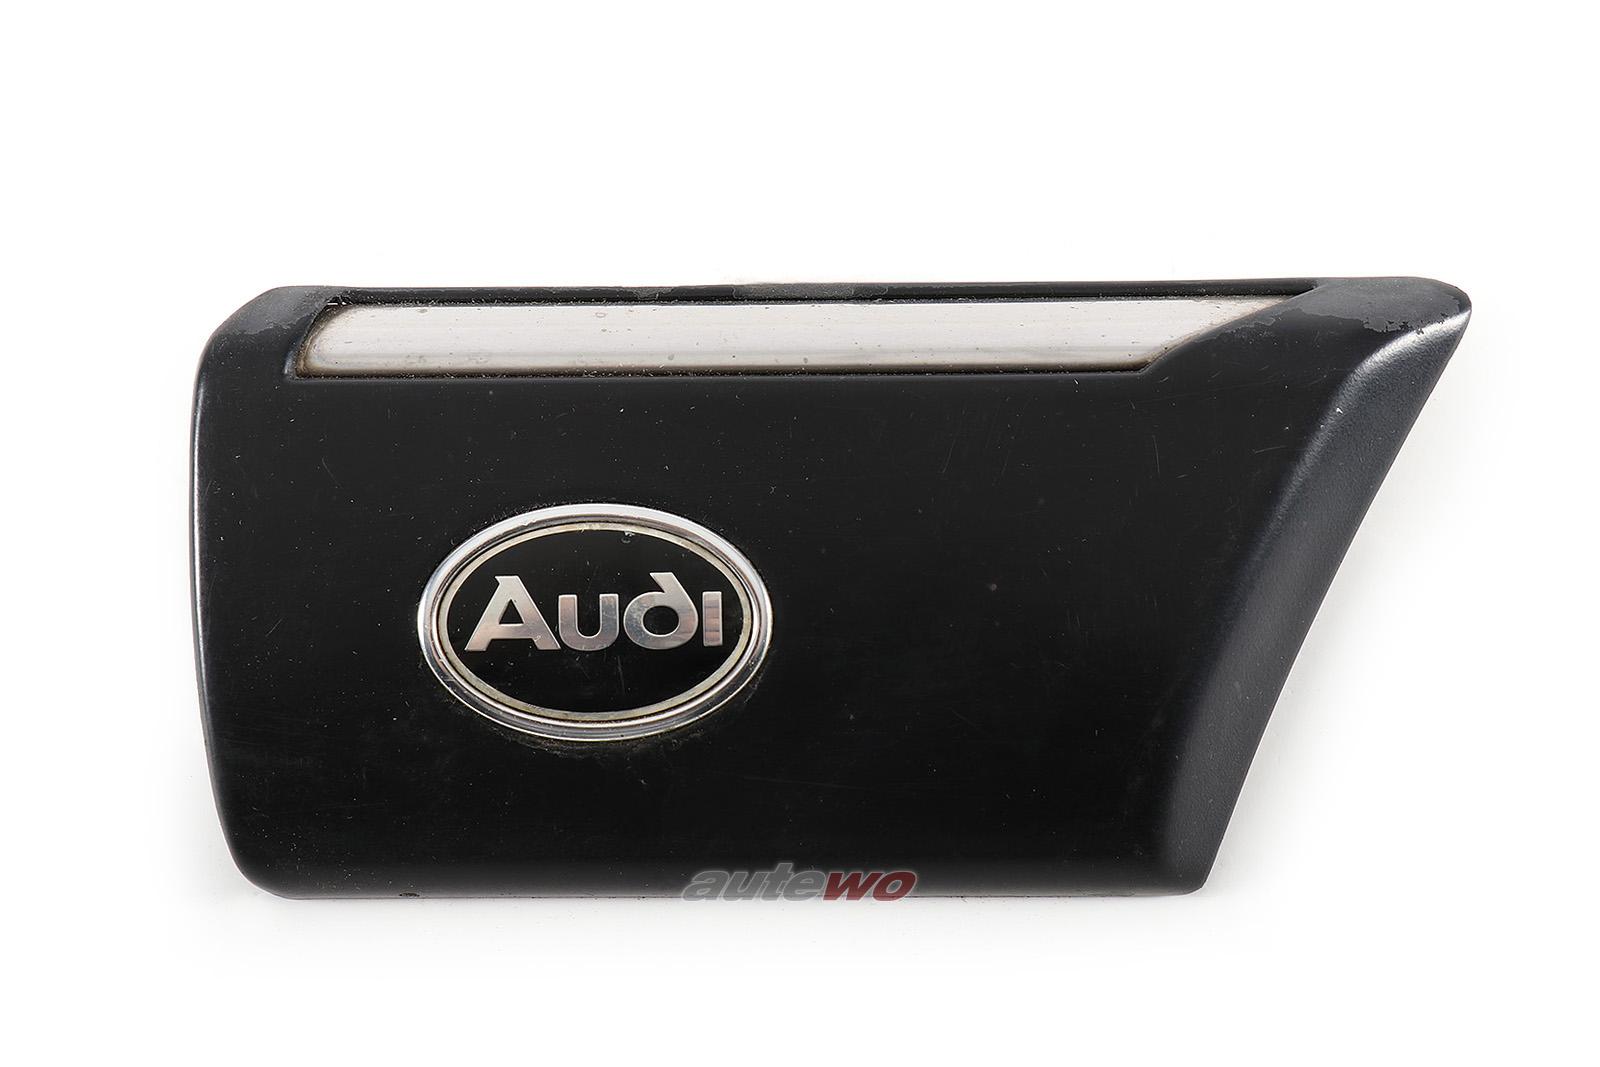 441853972 Audi 200 Typ 44/V8 D11 Schutzleiste für Kotflügel Vorne Rechts